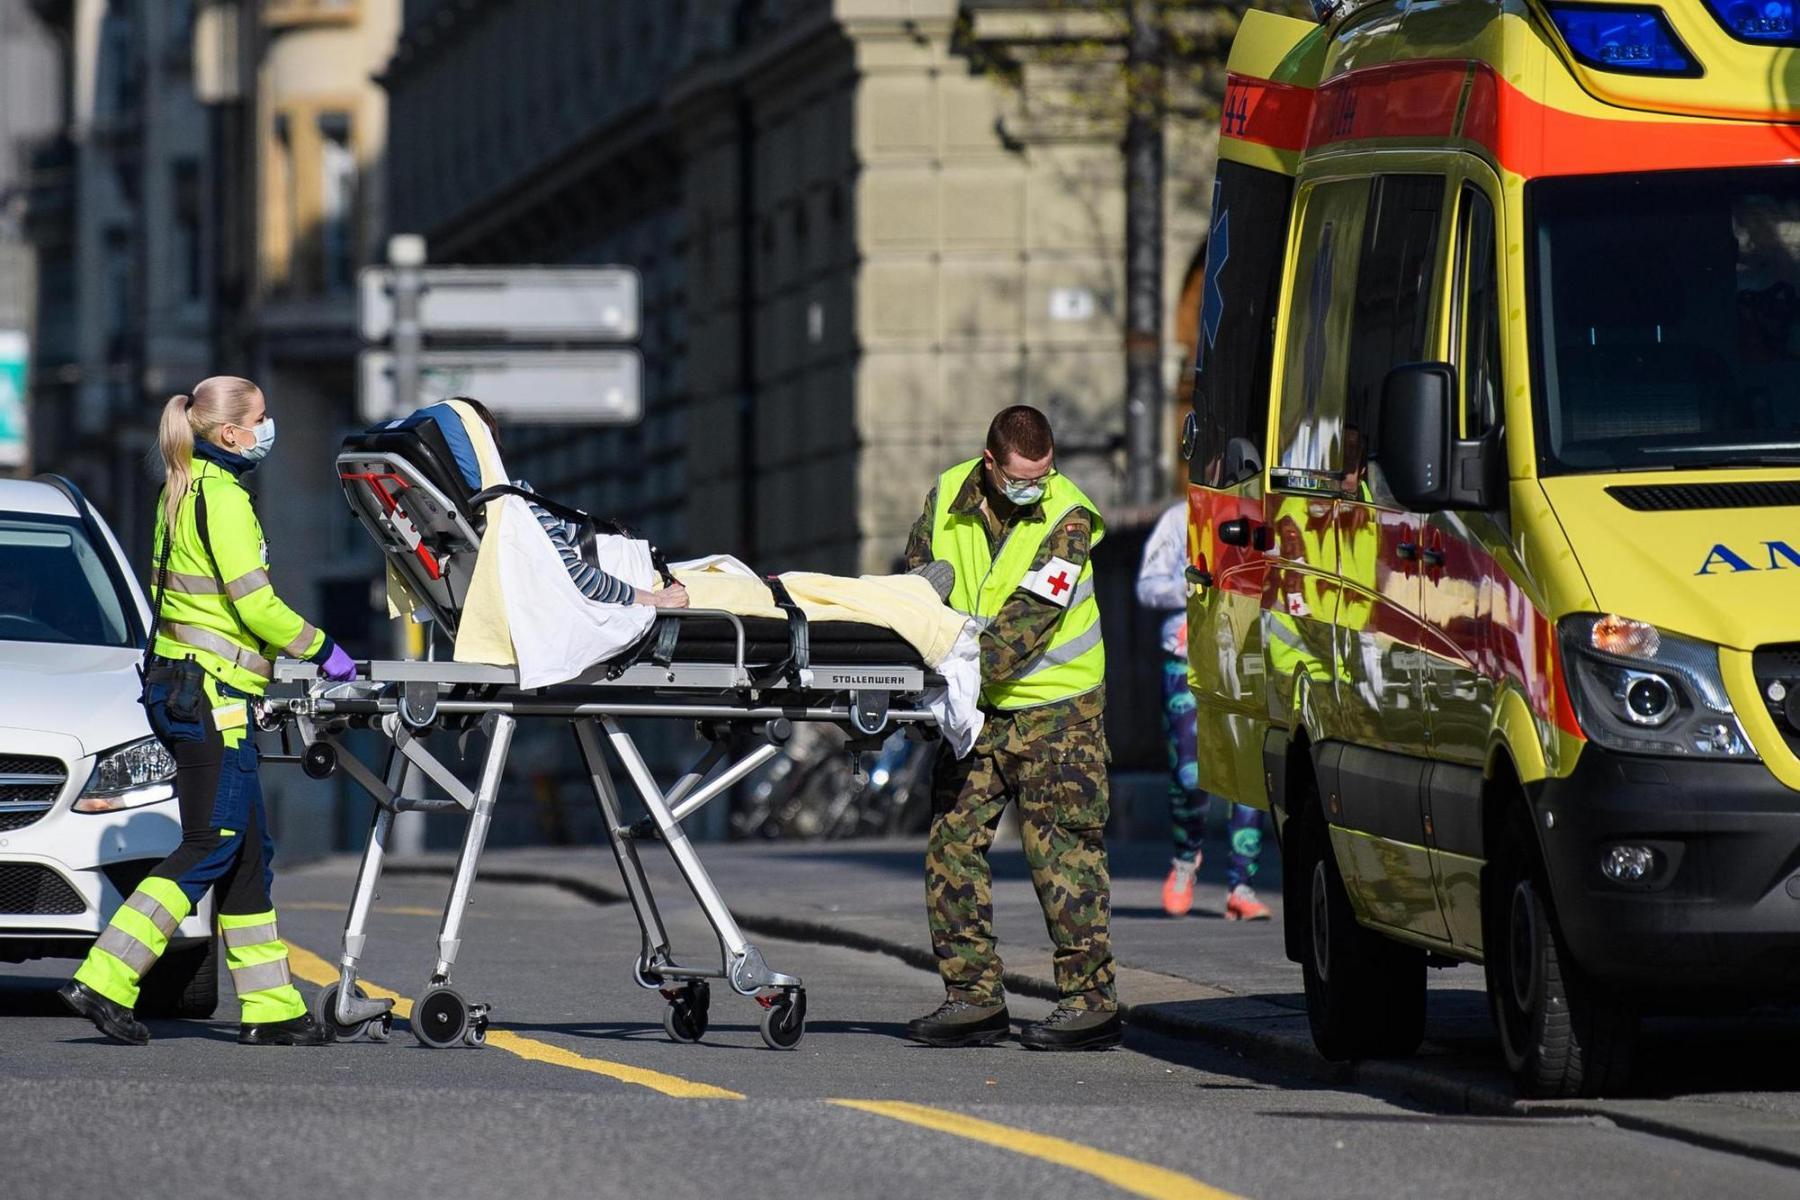 Ein Angehöriger der Armee im Einsatz bei einem Ambulanztransport der Sanitätspolizei am 03.4.2020 in Bern. Foto: Raphael Moser